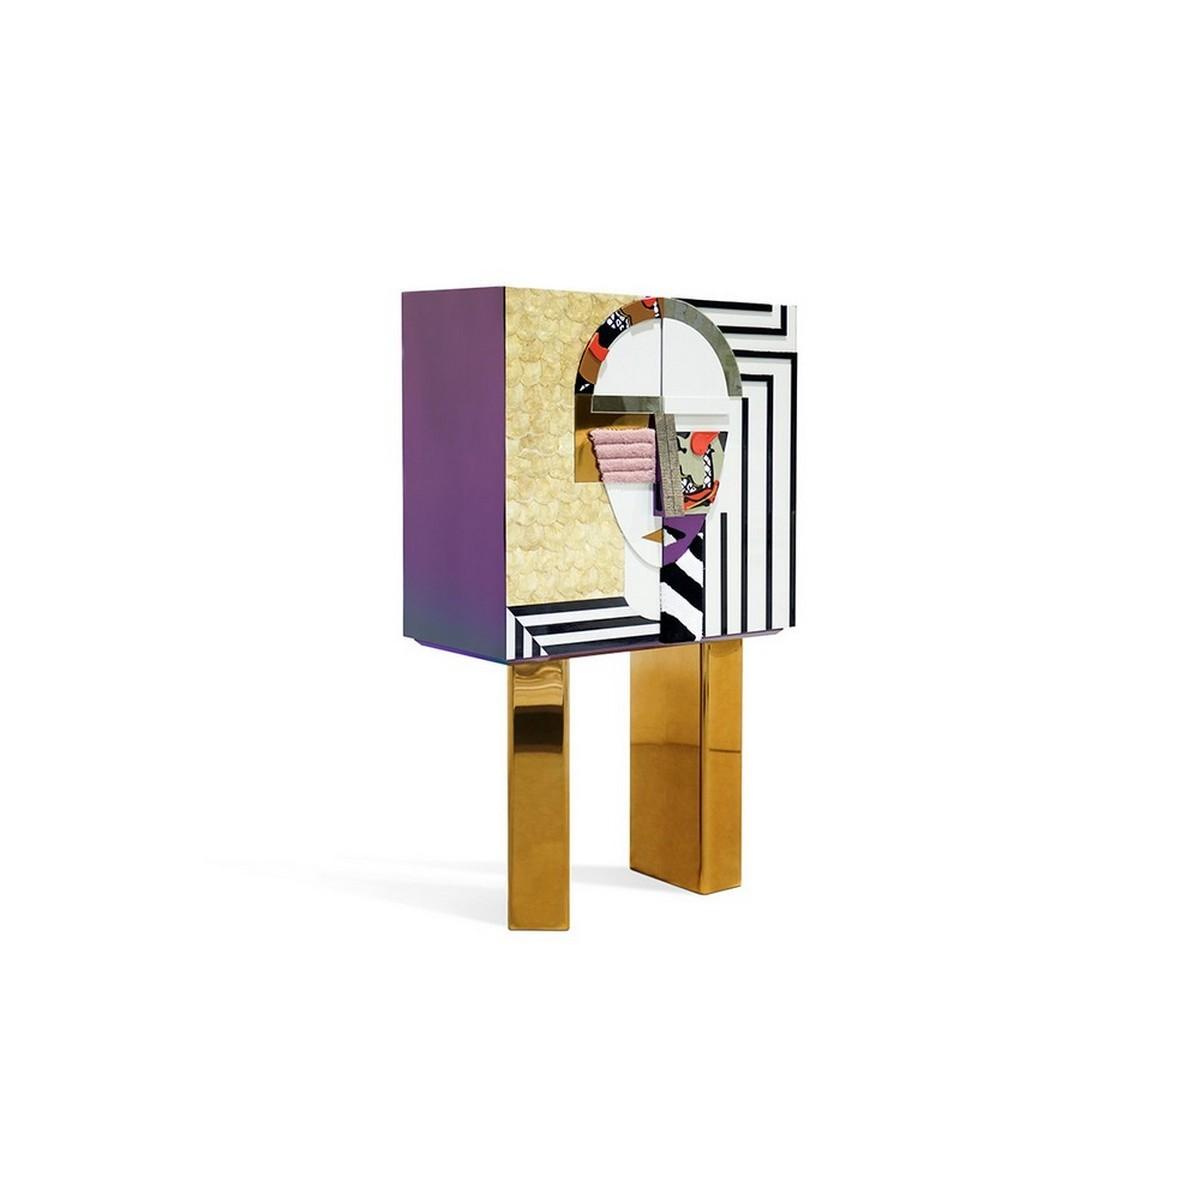 Diseño de Interiores: Armarios de Bar para un proyecto lujuoso diseño de interiores Diseño de Interiores: Armarios de Bar para un proyecto lujuoso hs mirage cabinet 2 1